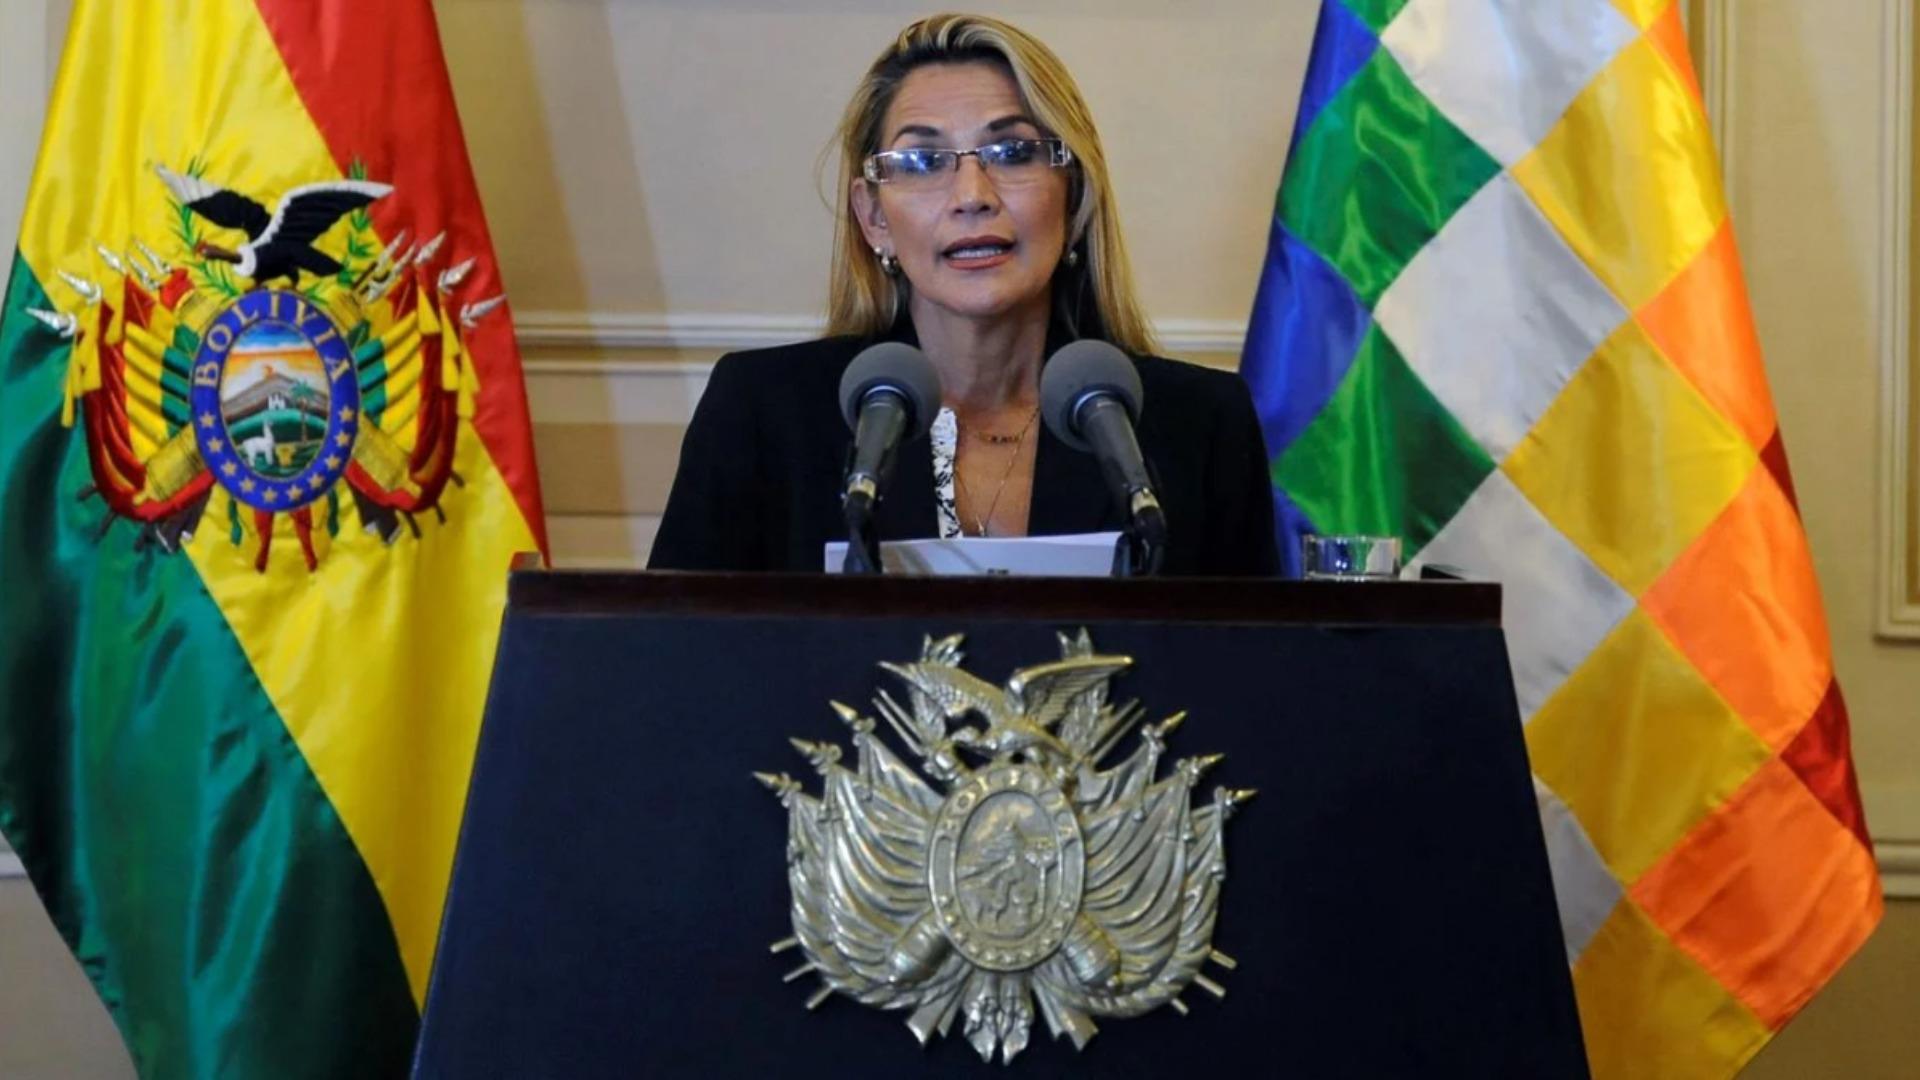 La presidenta interina de Bolivia padece la COVID-19 y guardará cuarentena